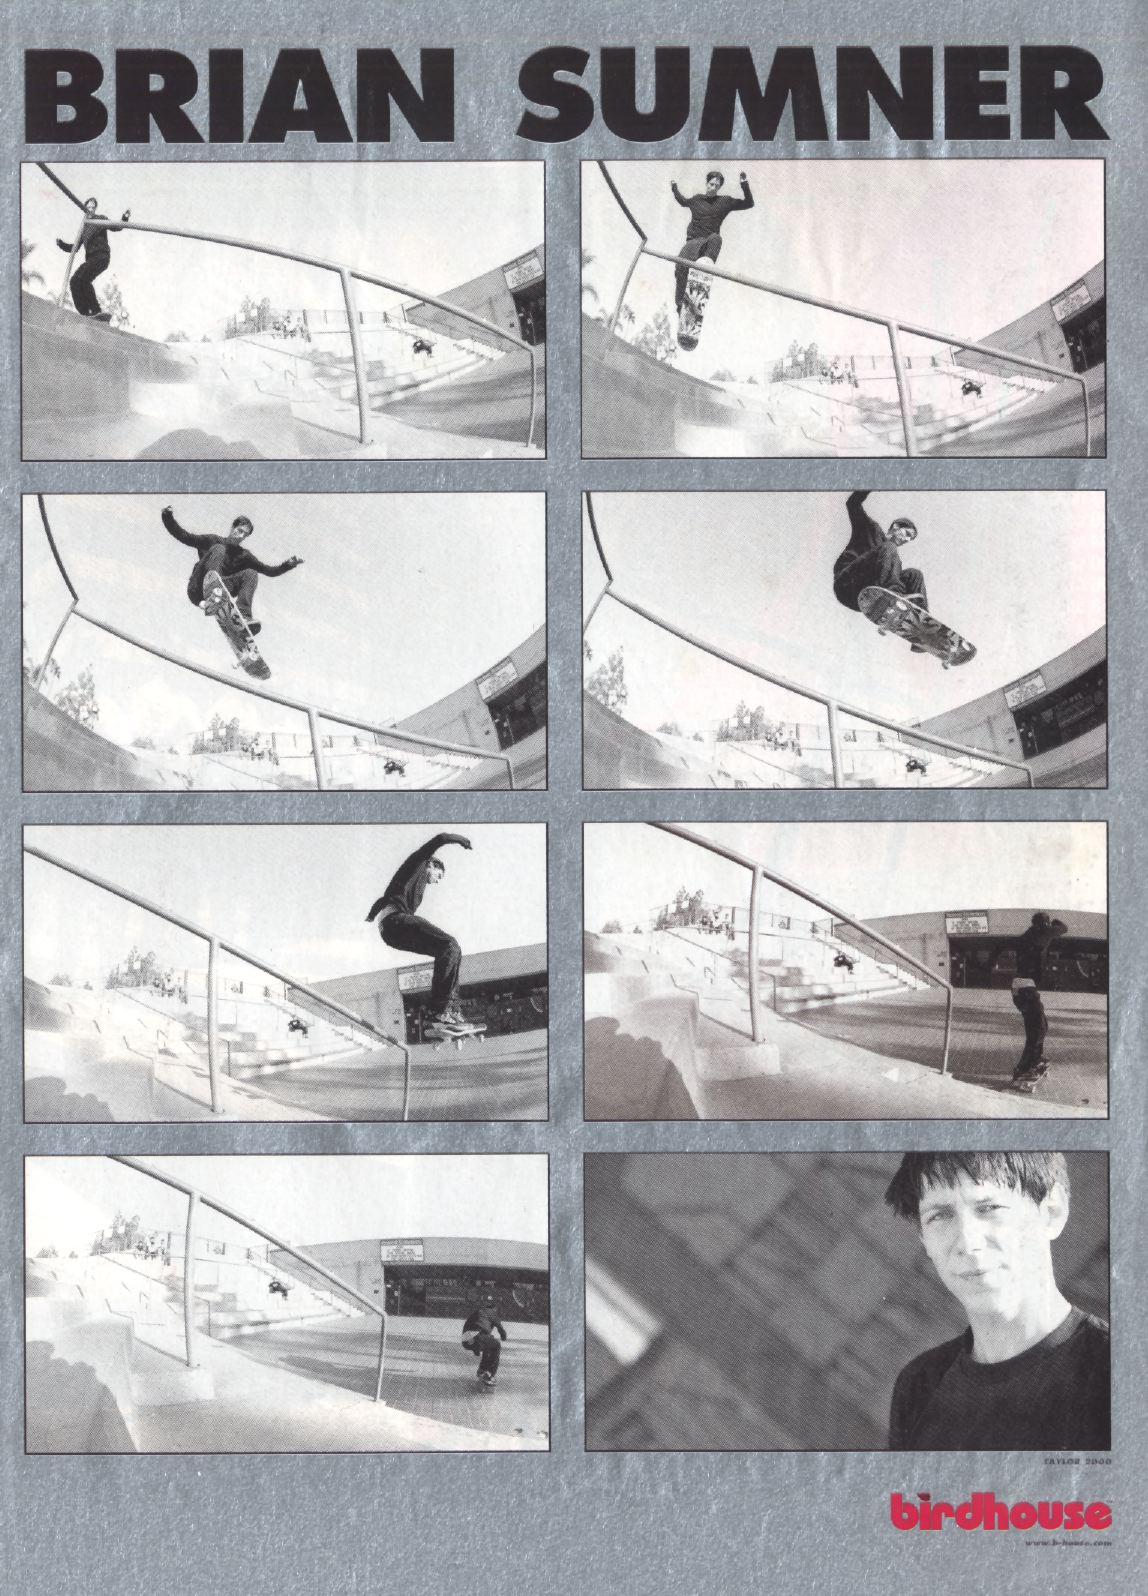 96 birdhouse ad